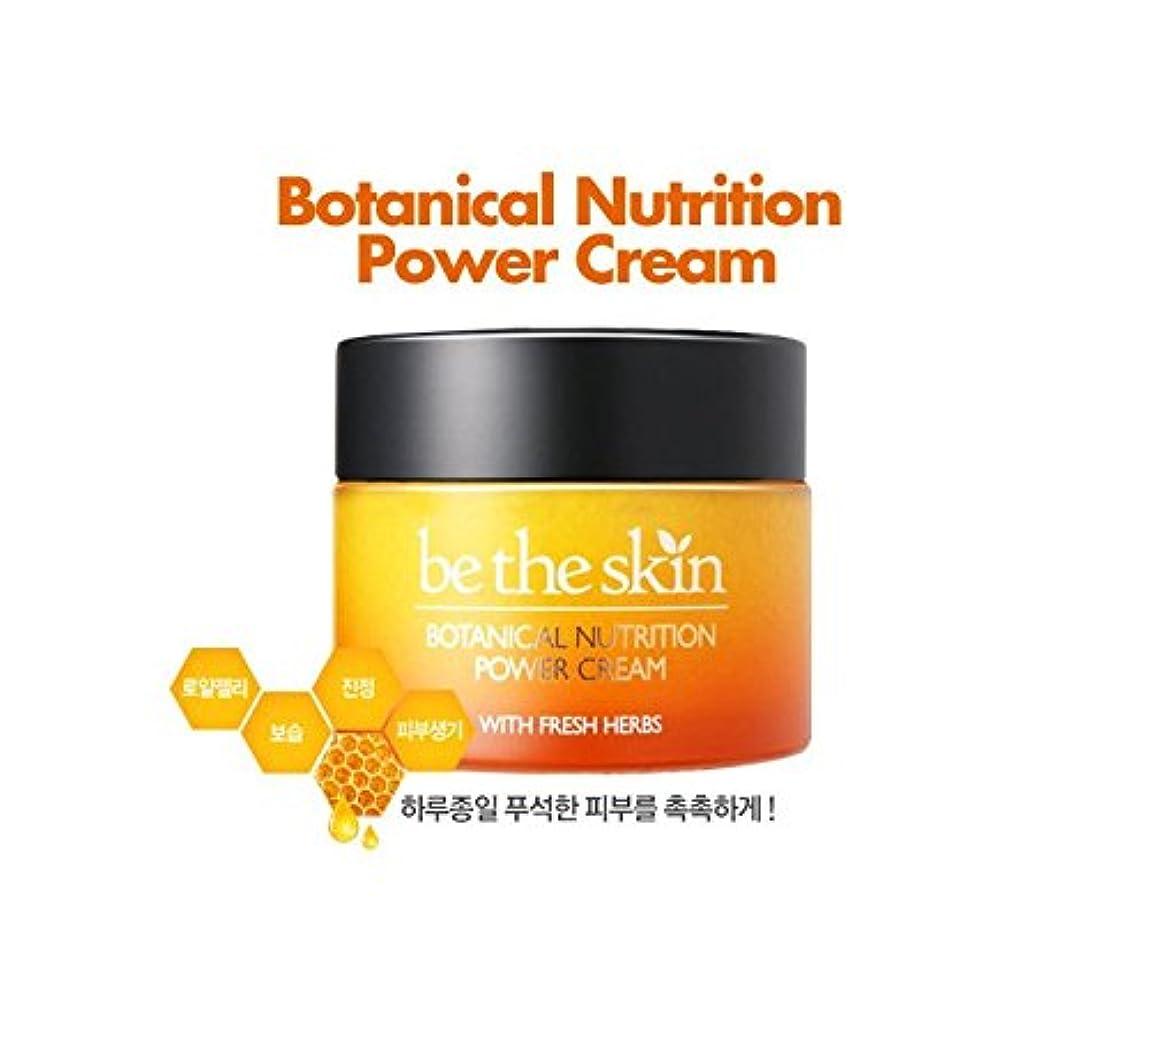 百万位置づけるヘルシーBe the Skin ボタニカル ニュートリション パワー クリーム/Botanical Nutrition Power Cream(50ml) [並行輸入品]